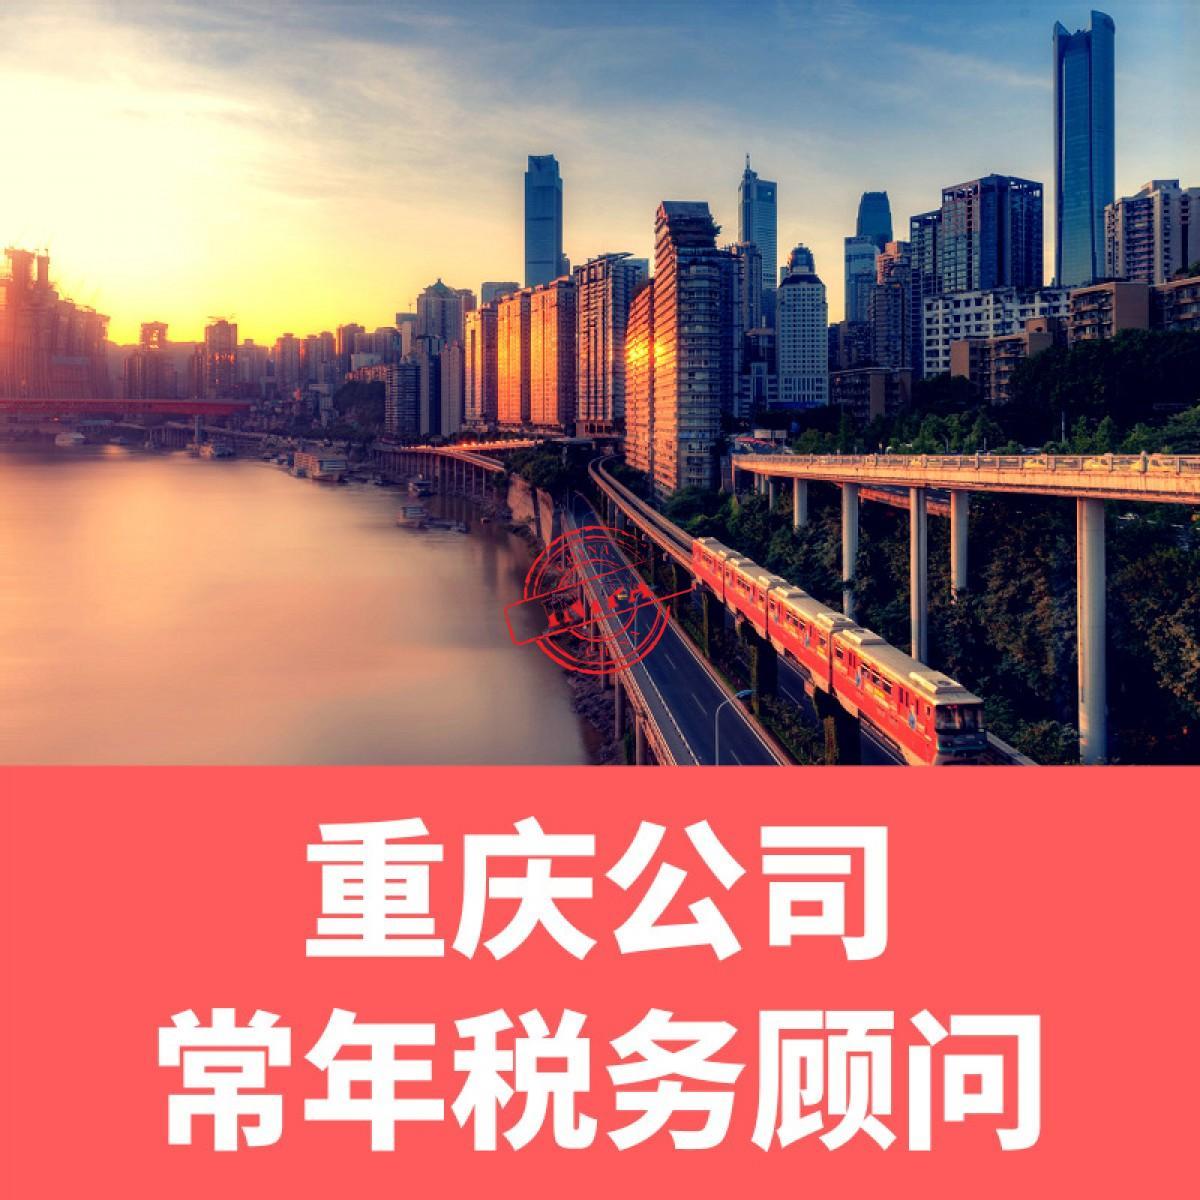 重庆公司常年税务顾问_专为企业提供财税顾问服务